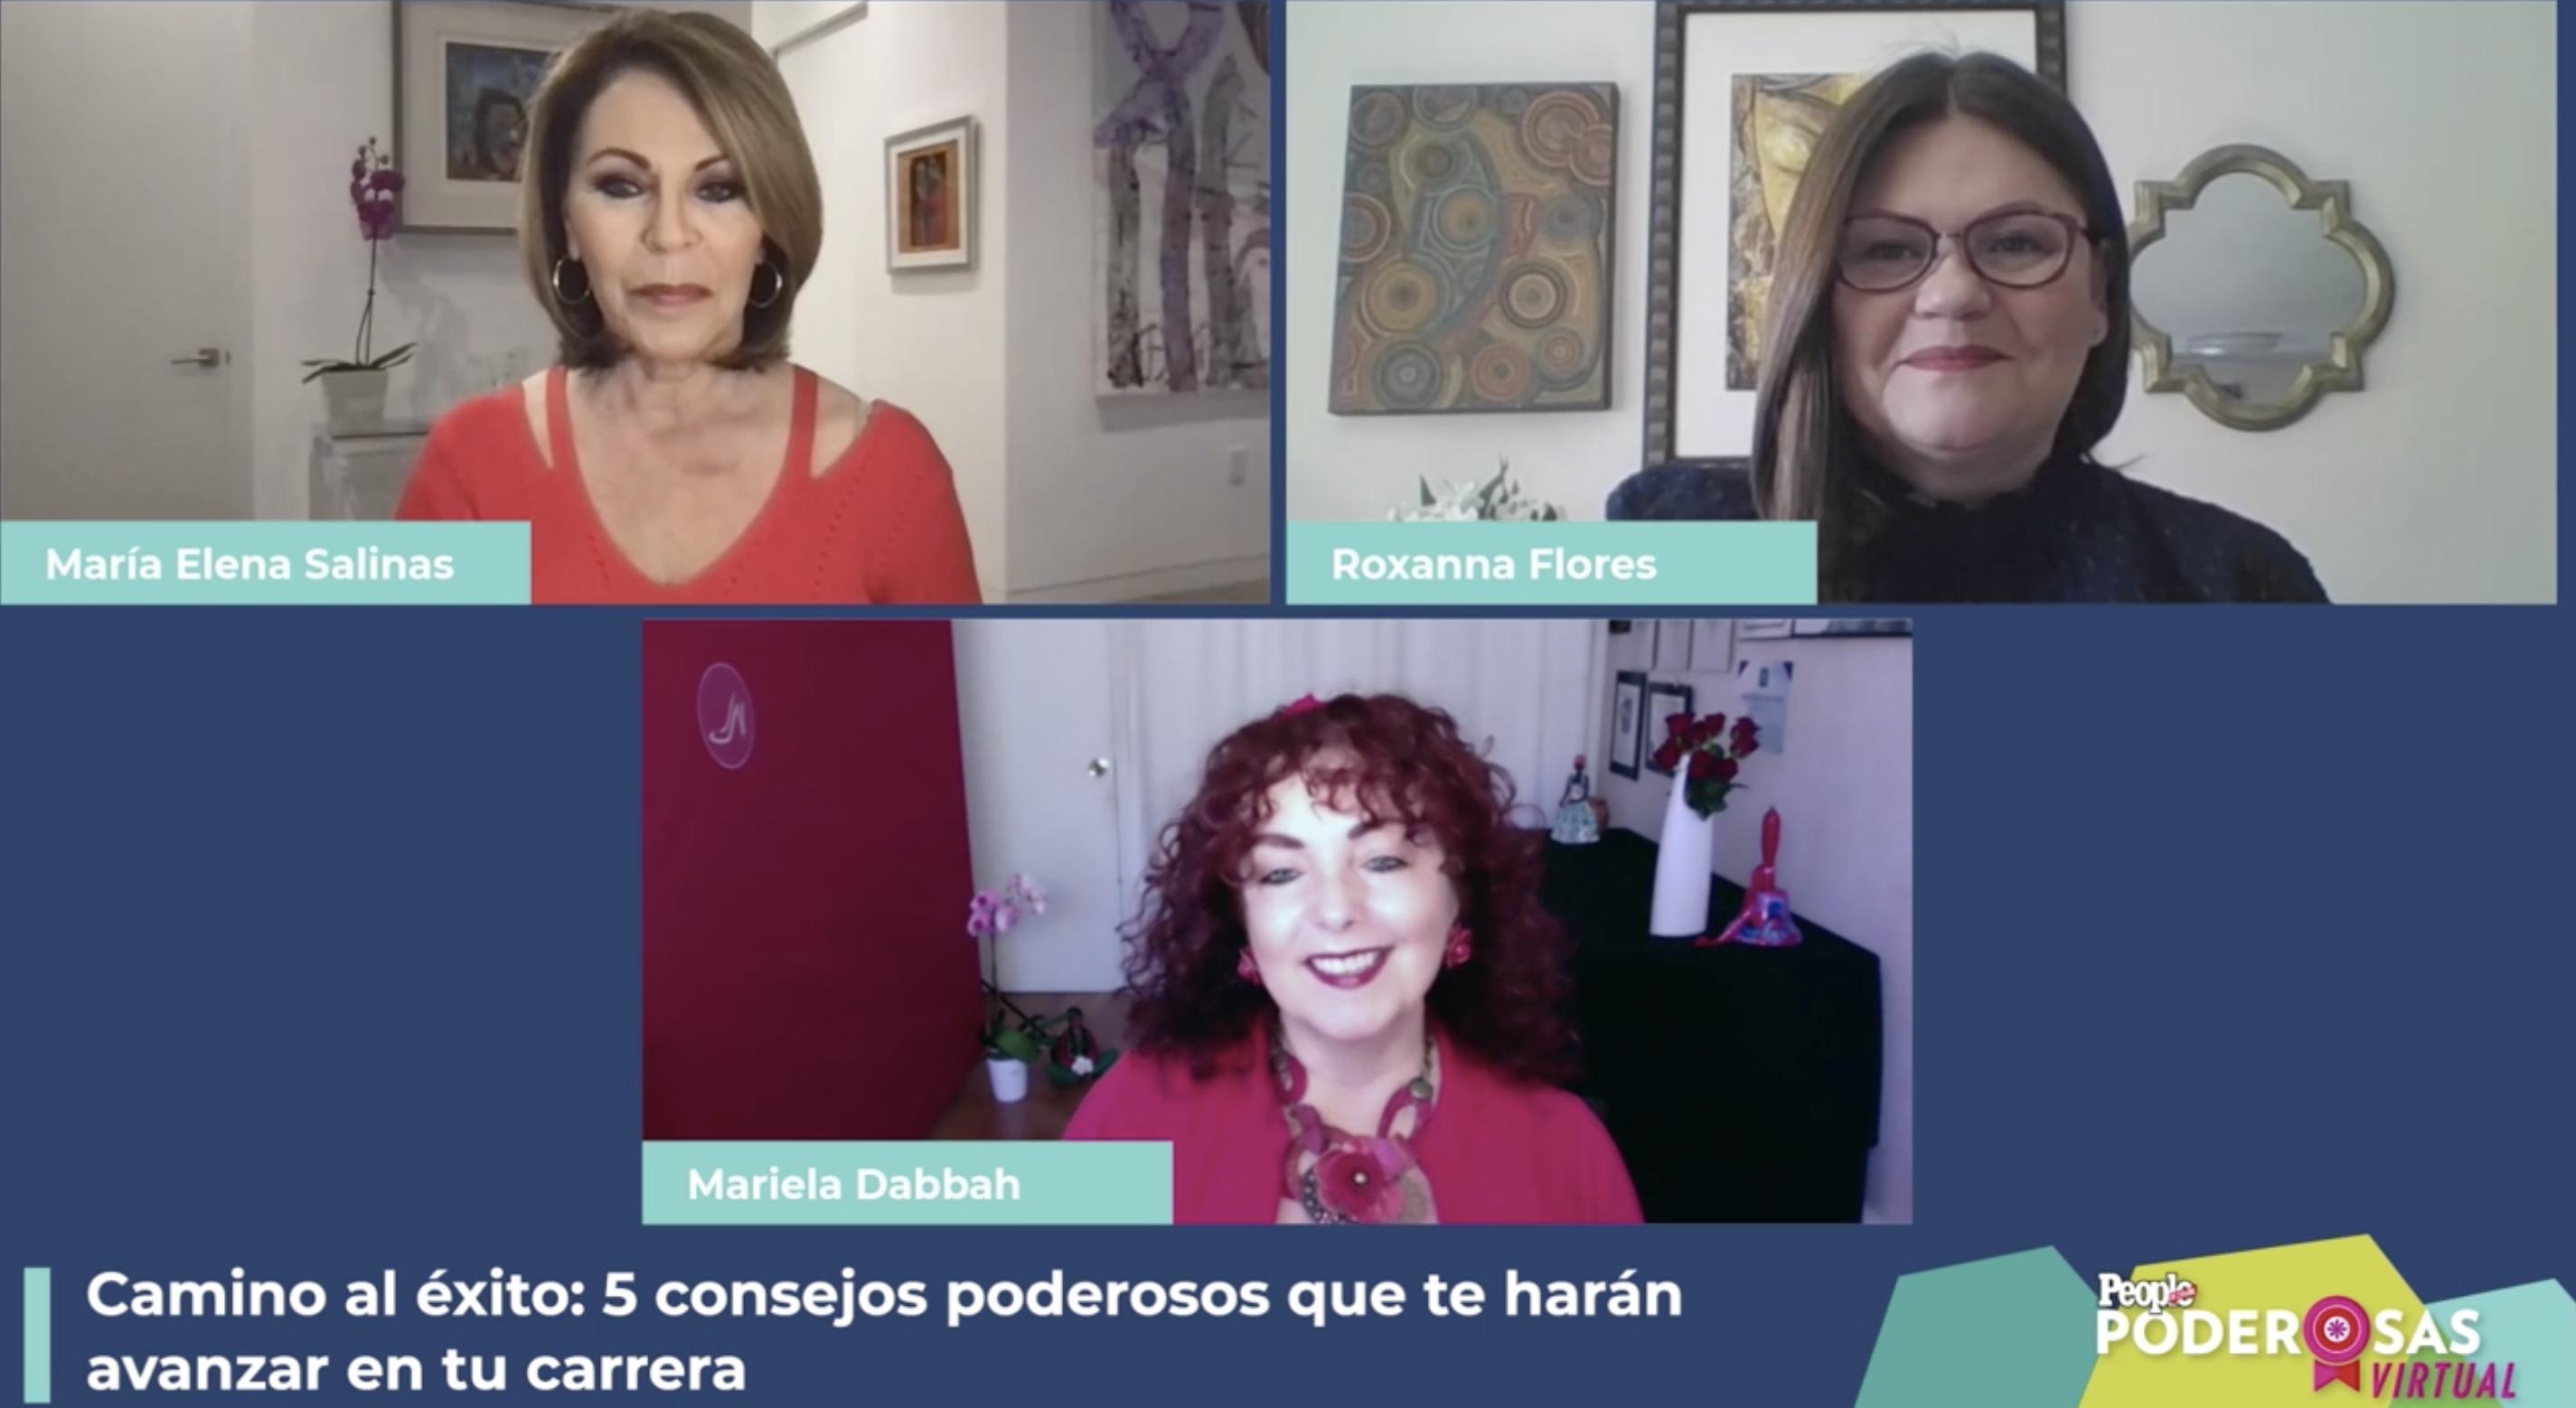 María Elena Salinas, Roxanna Flores y Mariela Dabbah